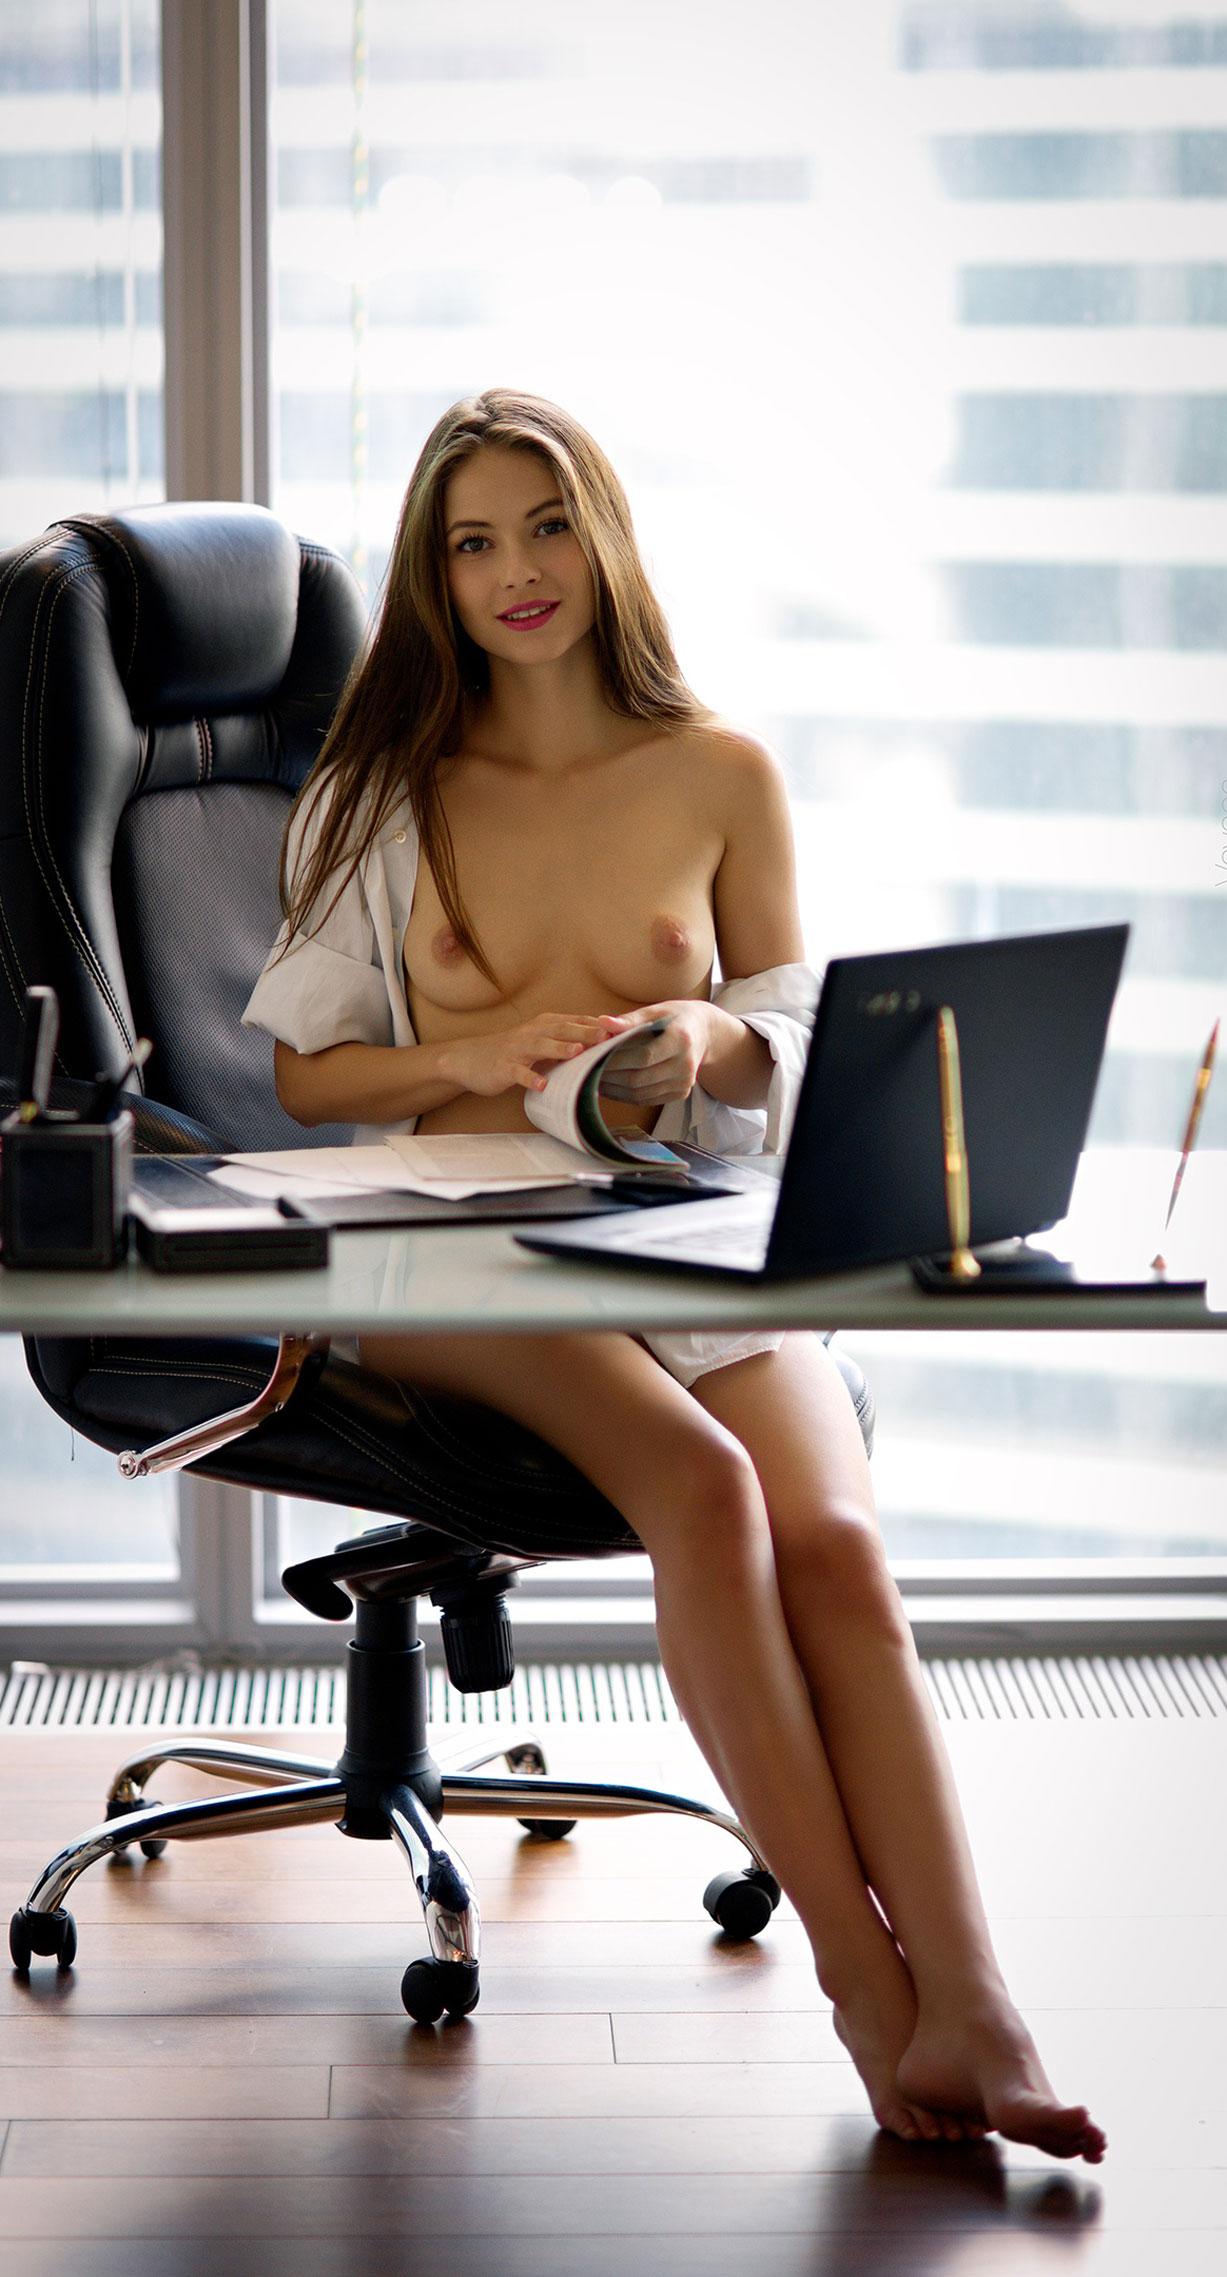 сексуальная Виктория Алико в роли секретарши мечты / фото 02